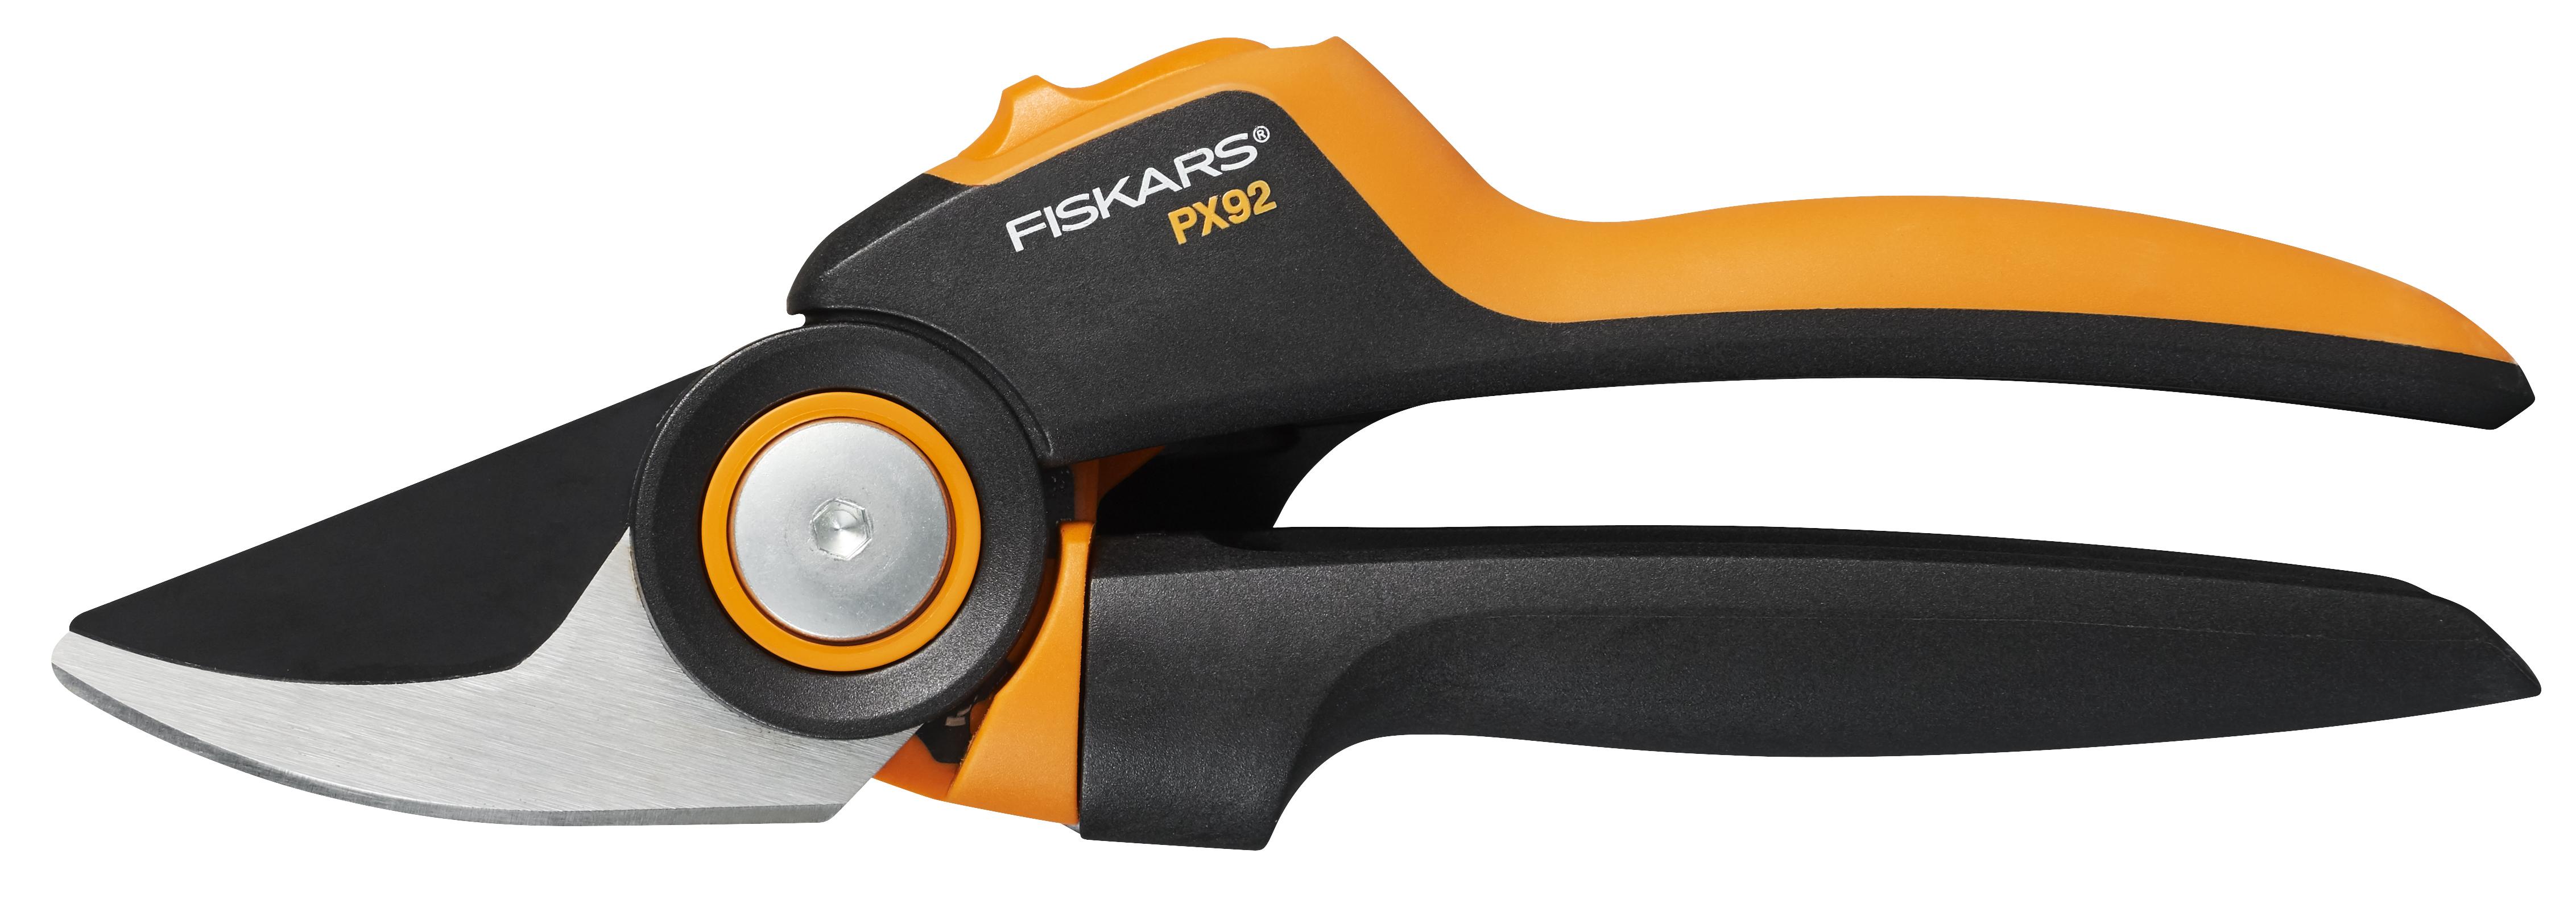 Fiskars Snoeischaar Rolgrip PX92 Powergear - 20.5 cm